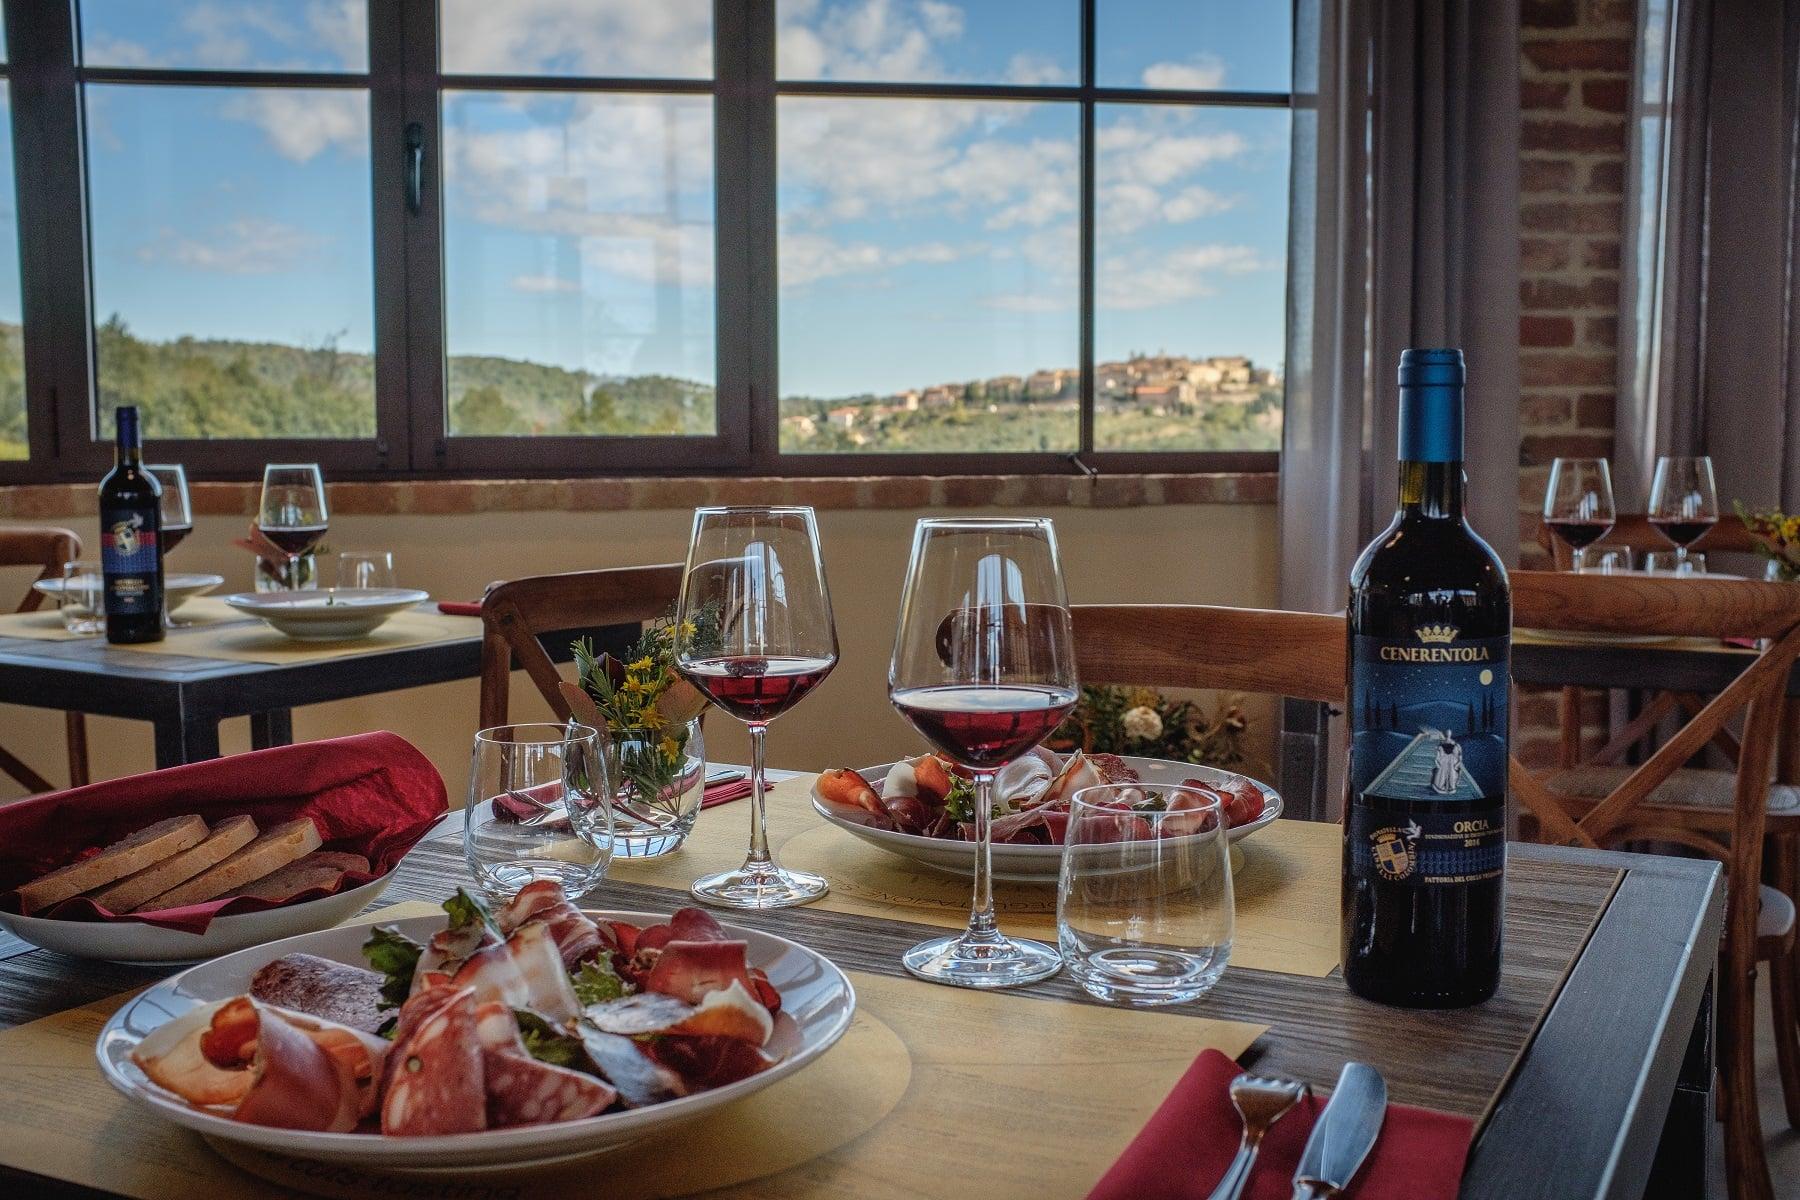 cene-degustazioni- Toscana-agriturismo-Fattoria-del-Colle